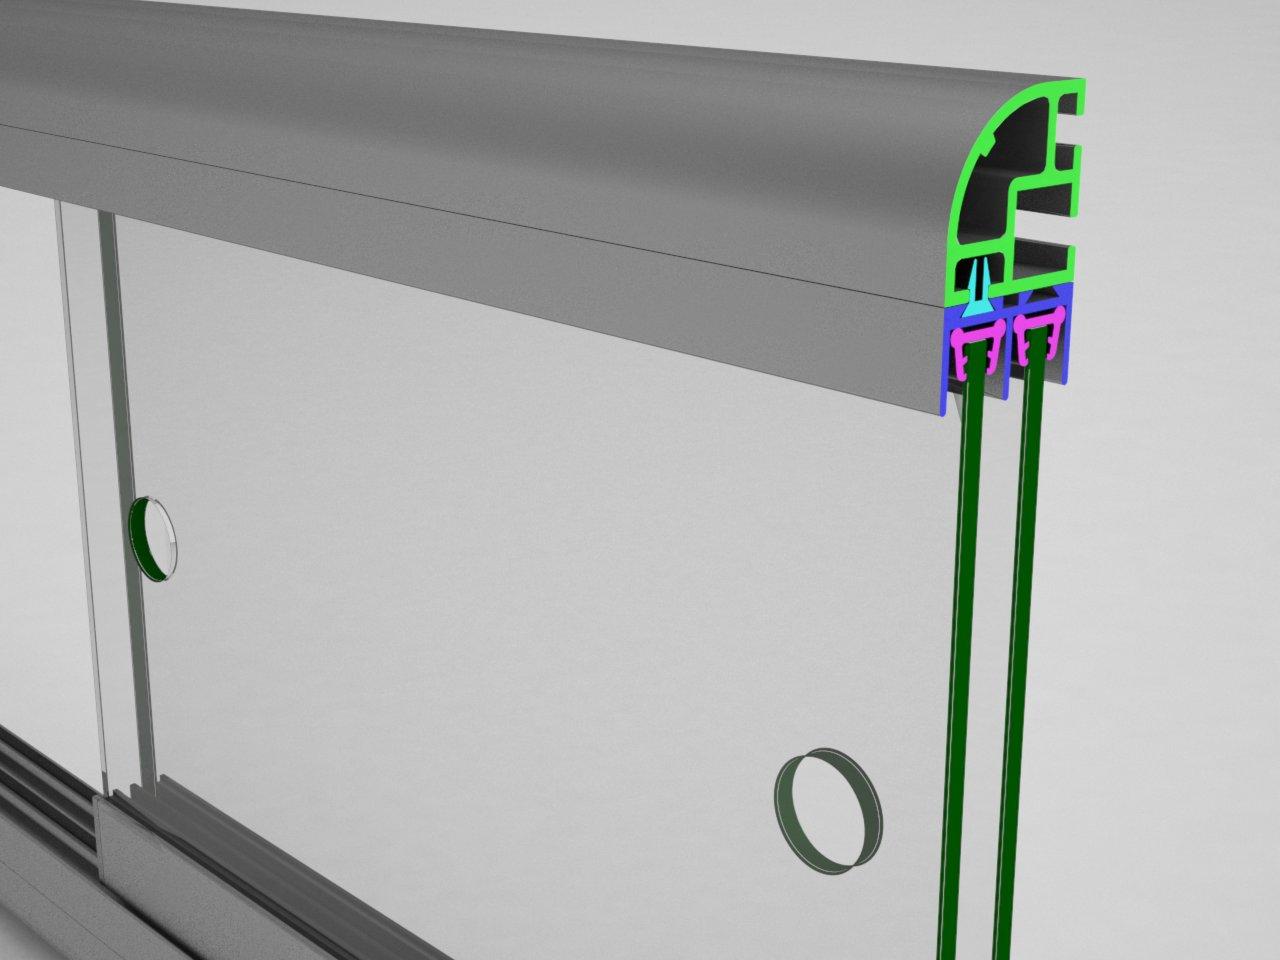 Detalhe completo das folhas da porta de correr com a guia superior V326 inserida no trilho superior V320